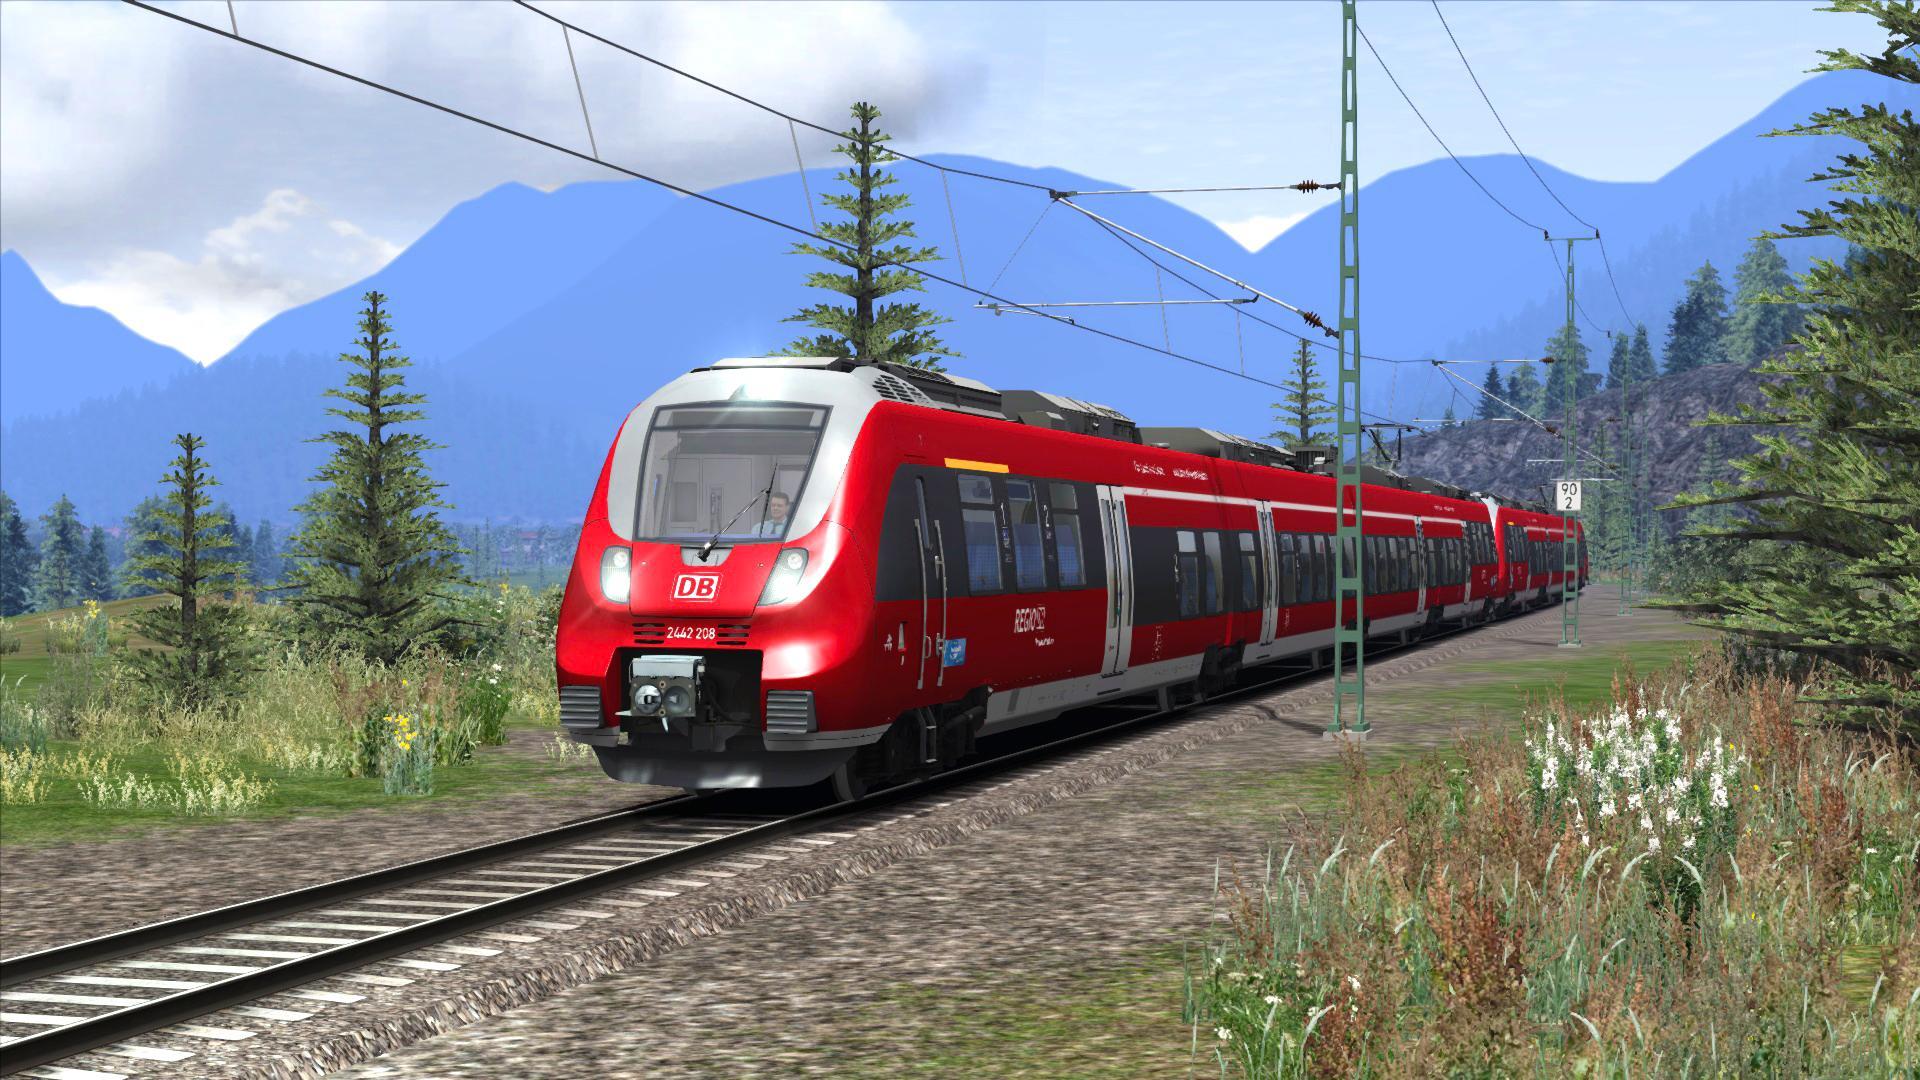 Специалисты: Хакеры без трудностей могут получить доступ куправлению поездом